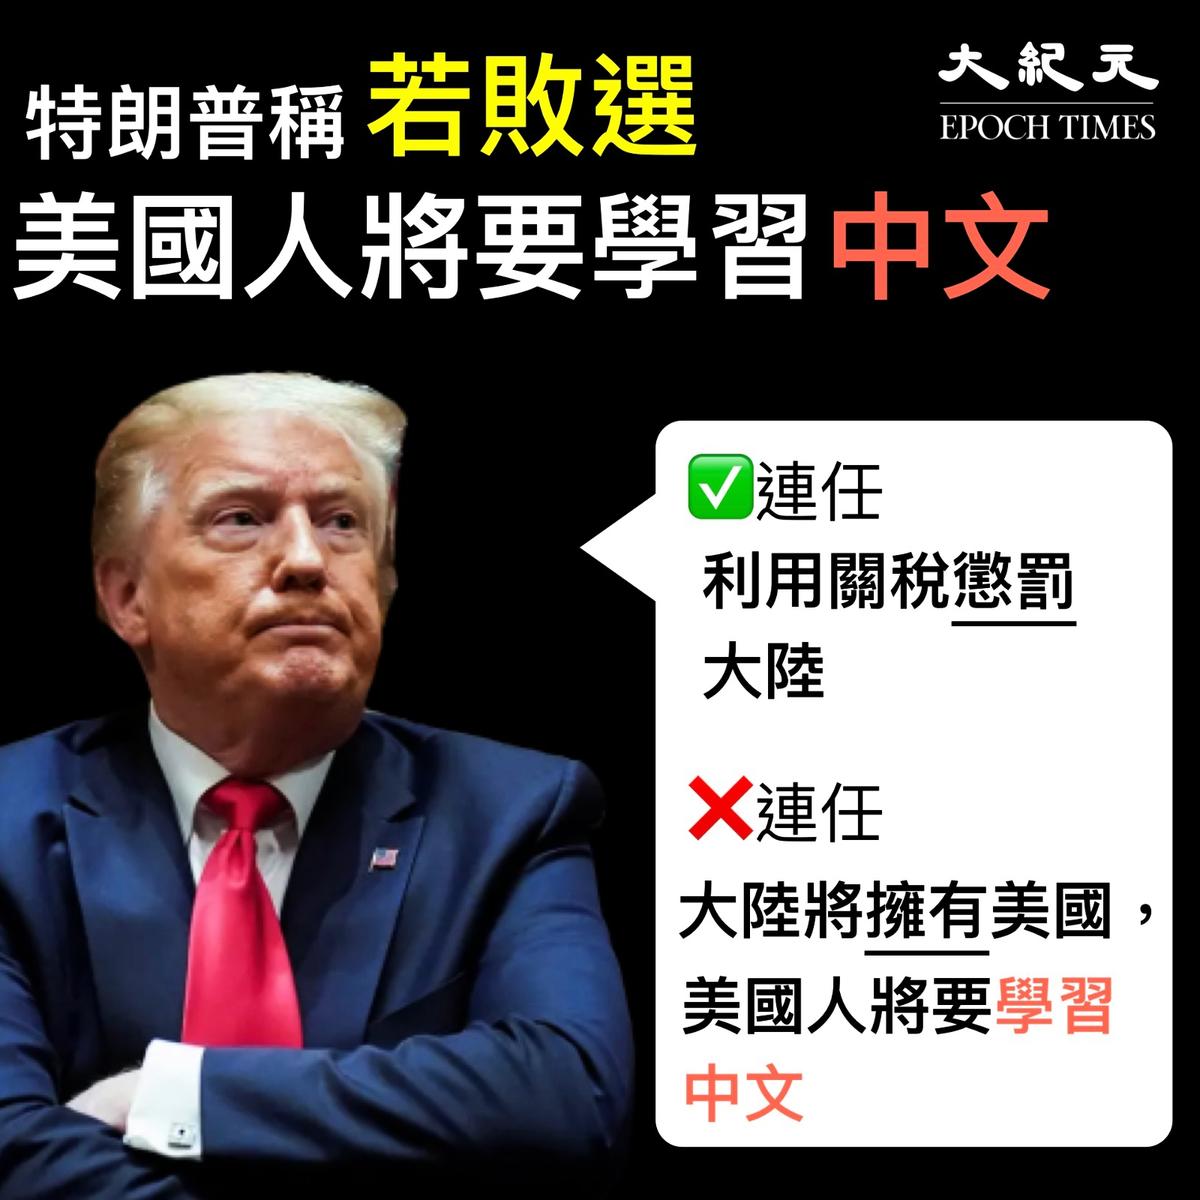 特朗普表示,假如他敗選,中共將「擁有」美國,而美國人也將要學習中文。(大紀元製圖)